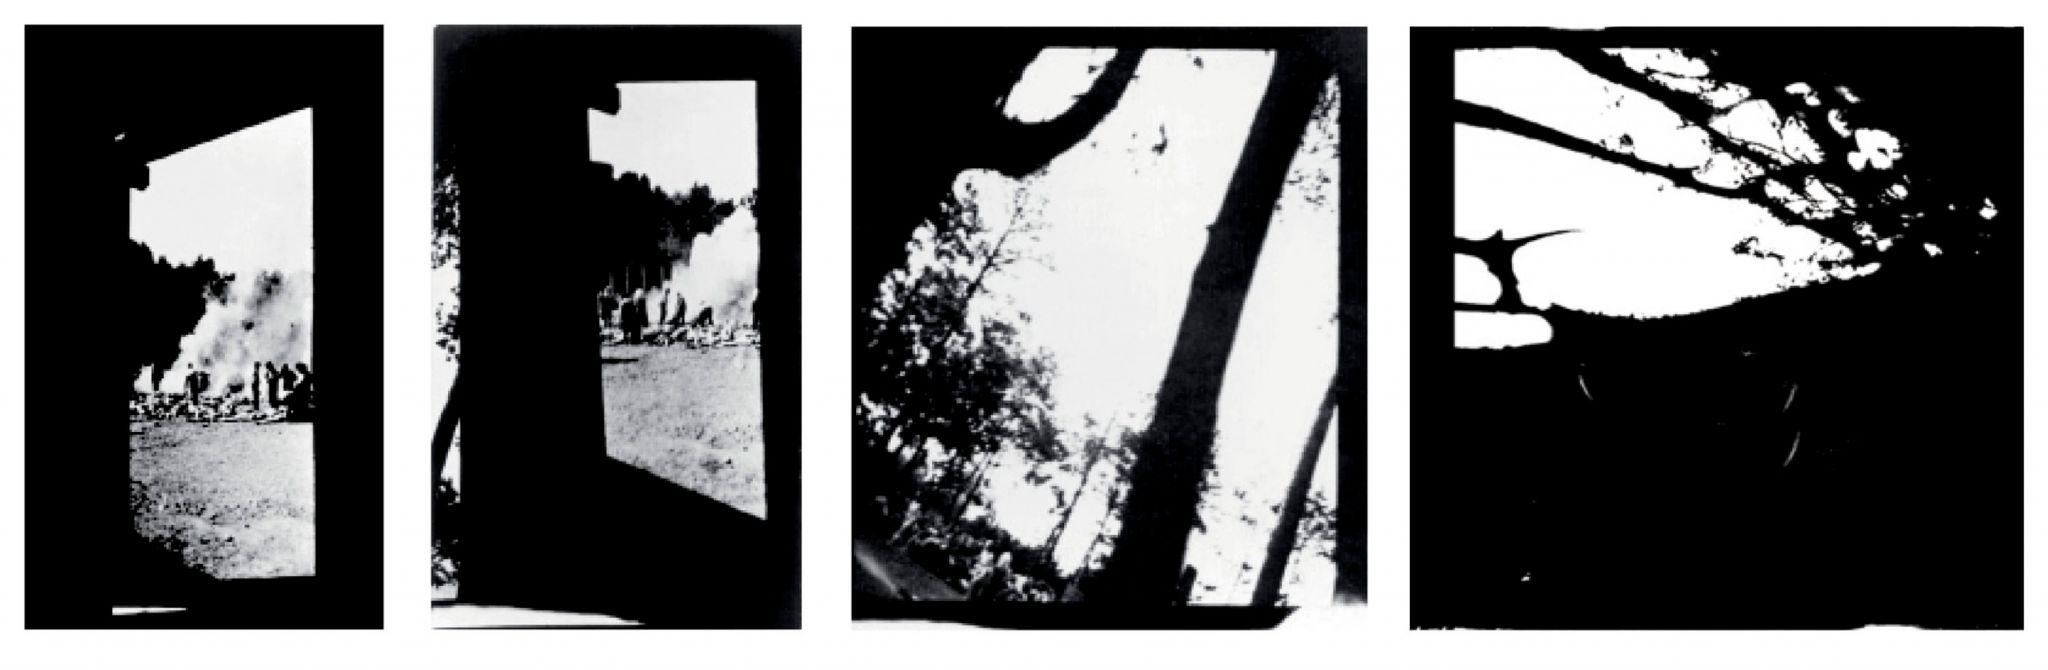 Georges Didi-Huberman dedicou o livro Imagens apesar de tudo às únicas quatro fotografias que documentam o processo de extermínio em massa conduzido nas câmaras de gás dos campos de concentração nazistas. As fotos mostram a queima de corpos e a entrada de mulheres na câmara do crematório 5 de Auschwitz. Tiradas às escondidas por um prisioneiro judeu forçado a participar das atrocidades, estas imagens são um ato de resistência, argumenta Didi-Huberman. Memorial e Museu Auschwitz-Birkenau, Polônia, 1944.